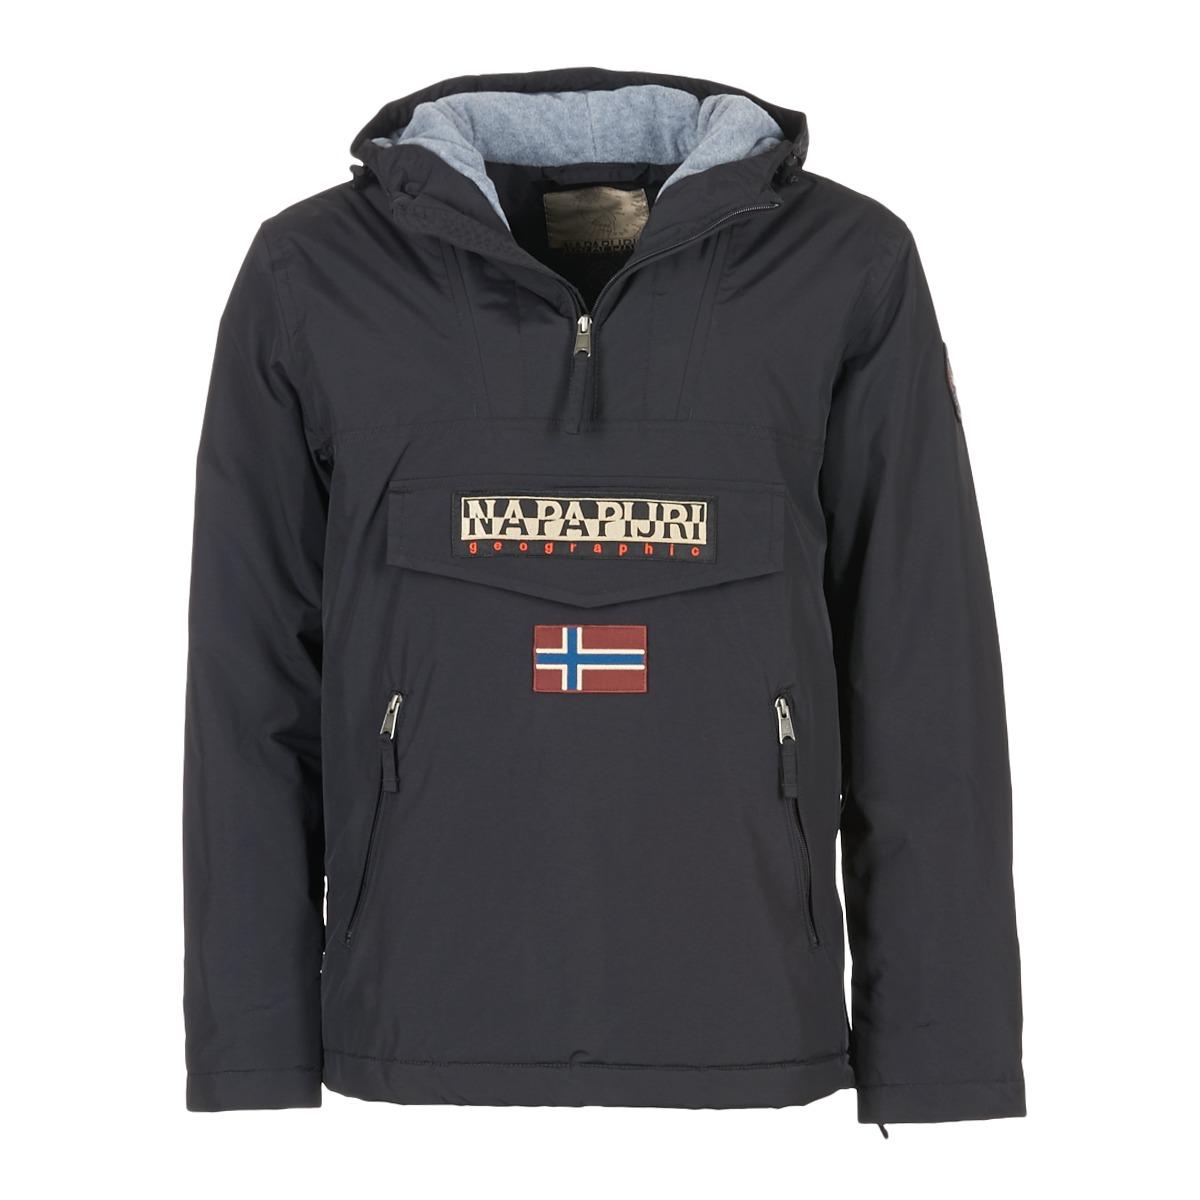 147435f2321 Napapijri RAINFOREST POCKET Noir - Livraison Gratuite avec Spartoo.com ! -  Vêtements Parkas Homme 215